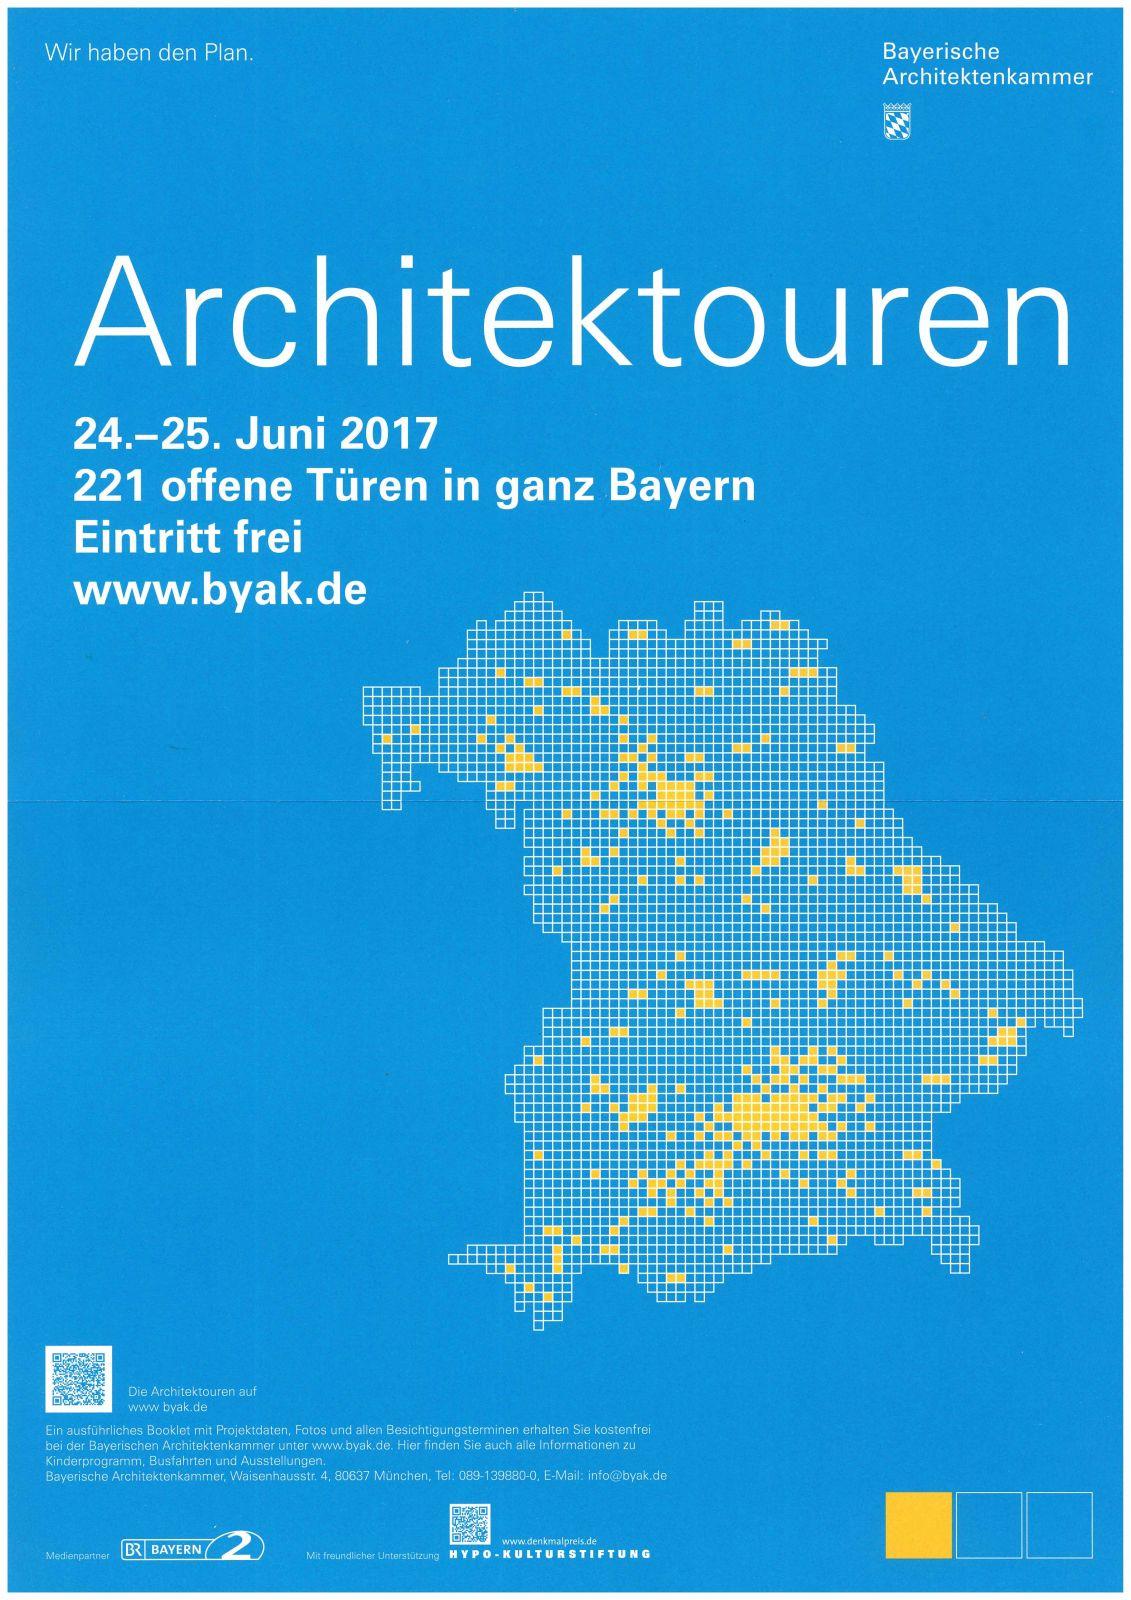 Achitektouren 2017_klein